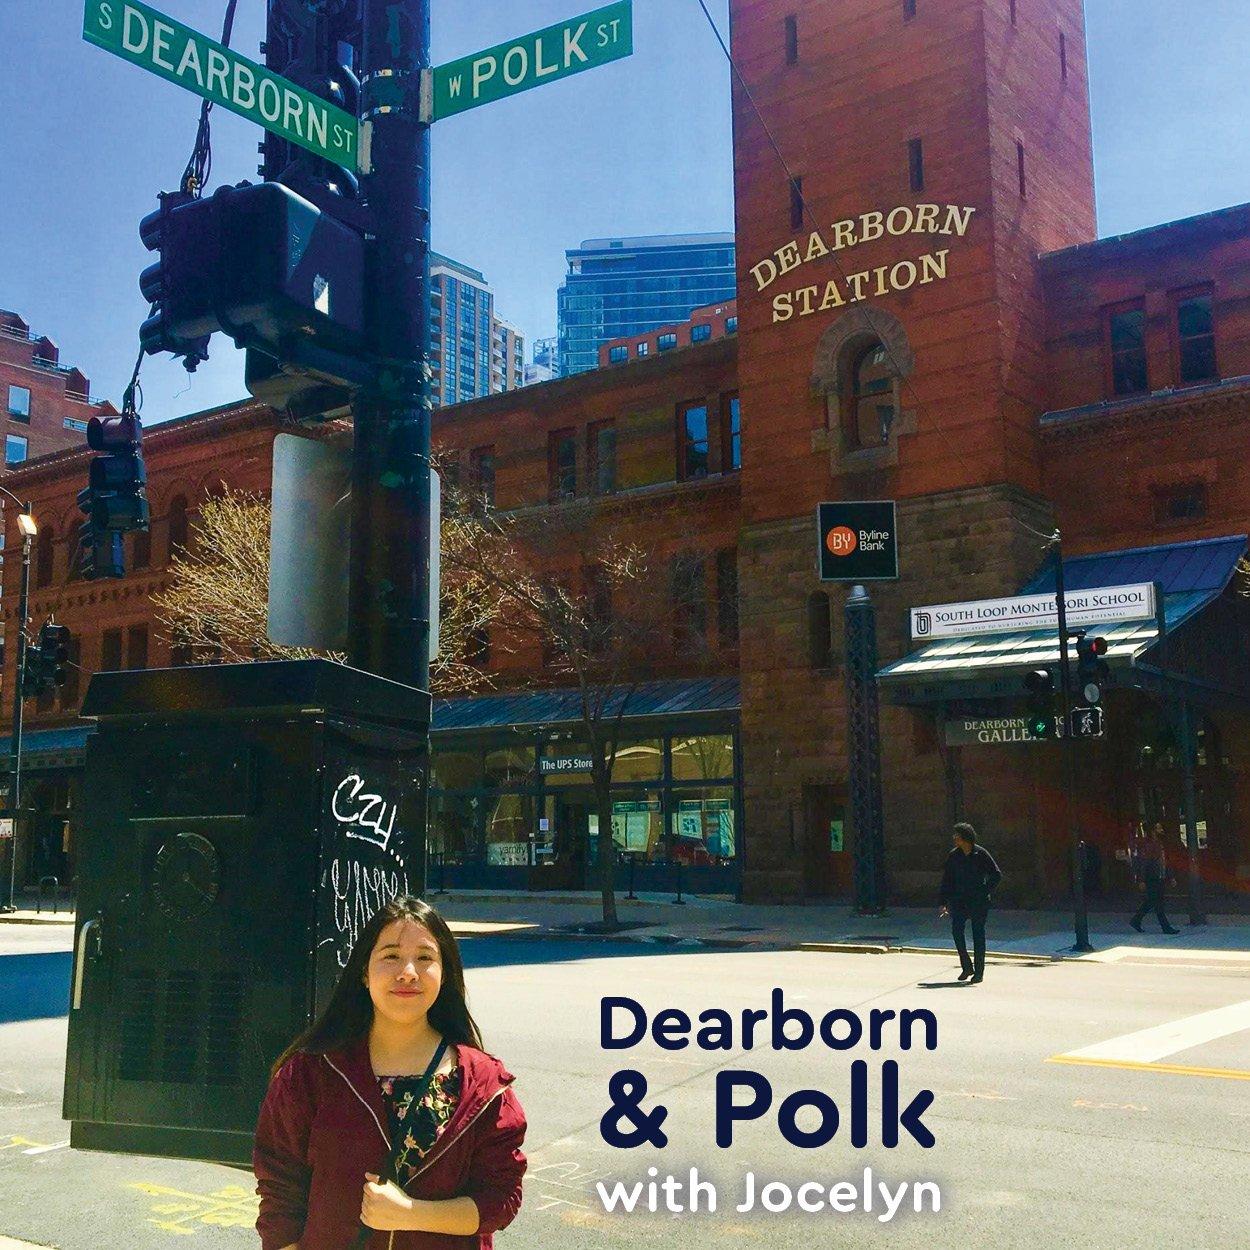 Jocelyn at Dearborn and Polk